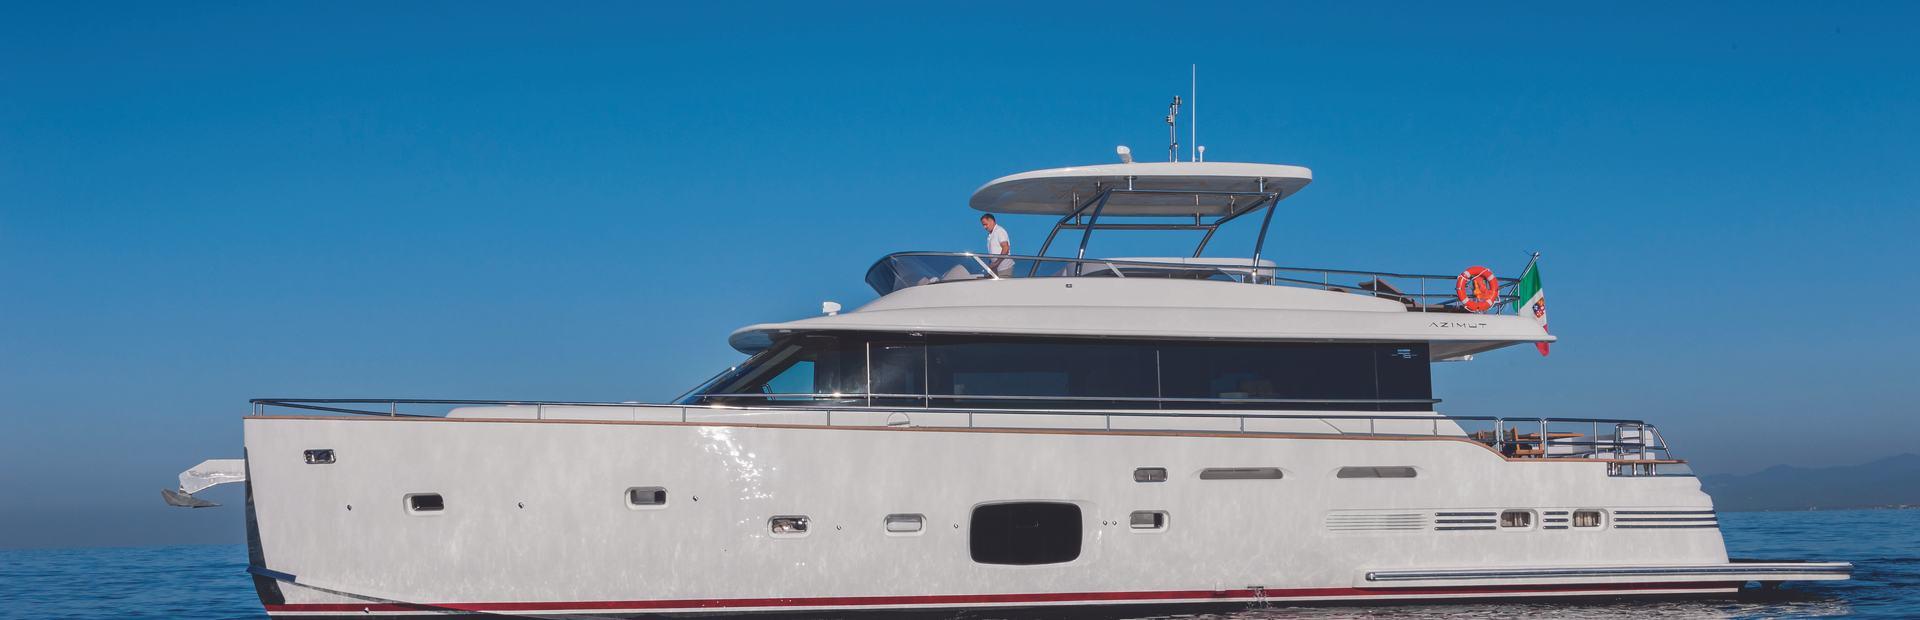 Magellano 76 Yacht Charter